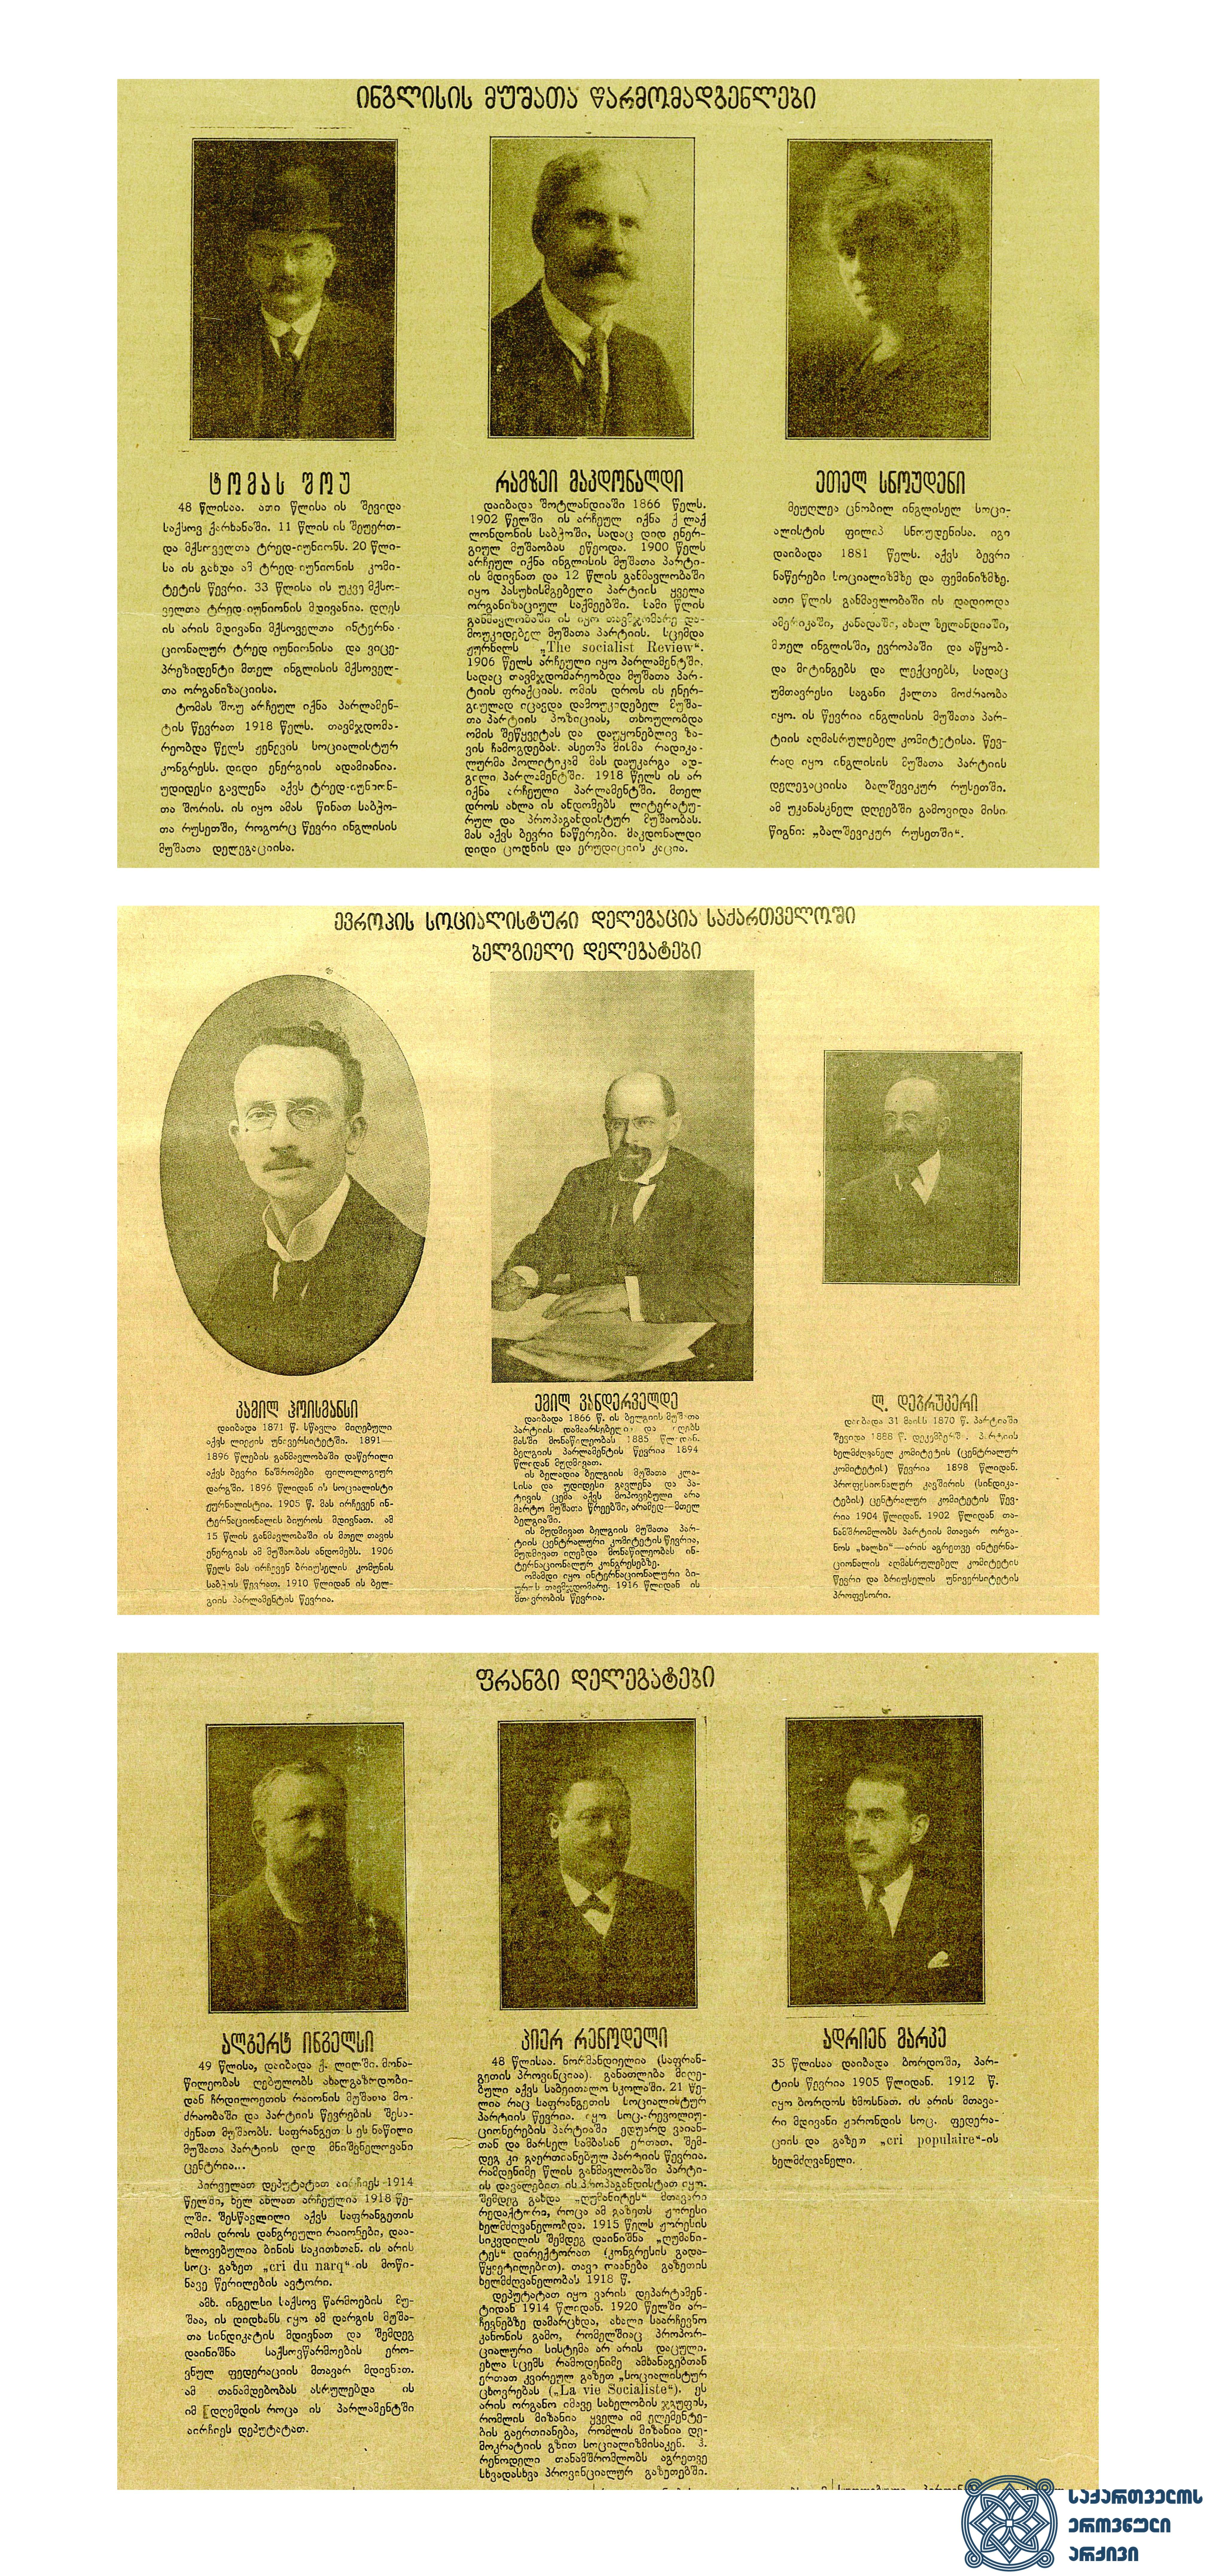 """ქართული პრესა ქვეყნის მოსახლეობას აცნობდა ევროპელი სტუმრების მოკლე ბიოგრაფიას. გაზეთი """"ერთობა"""", 1920 წლის 17, 18 და 19 სექტემბრის ნომრები. <br> The Georgian press provided the population of the country with brief biographies of the European guests. The newspaper """"Ertoba"""", issues of September 17, 18 and 19 of 1920."""